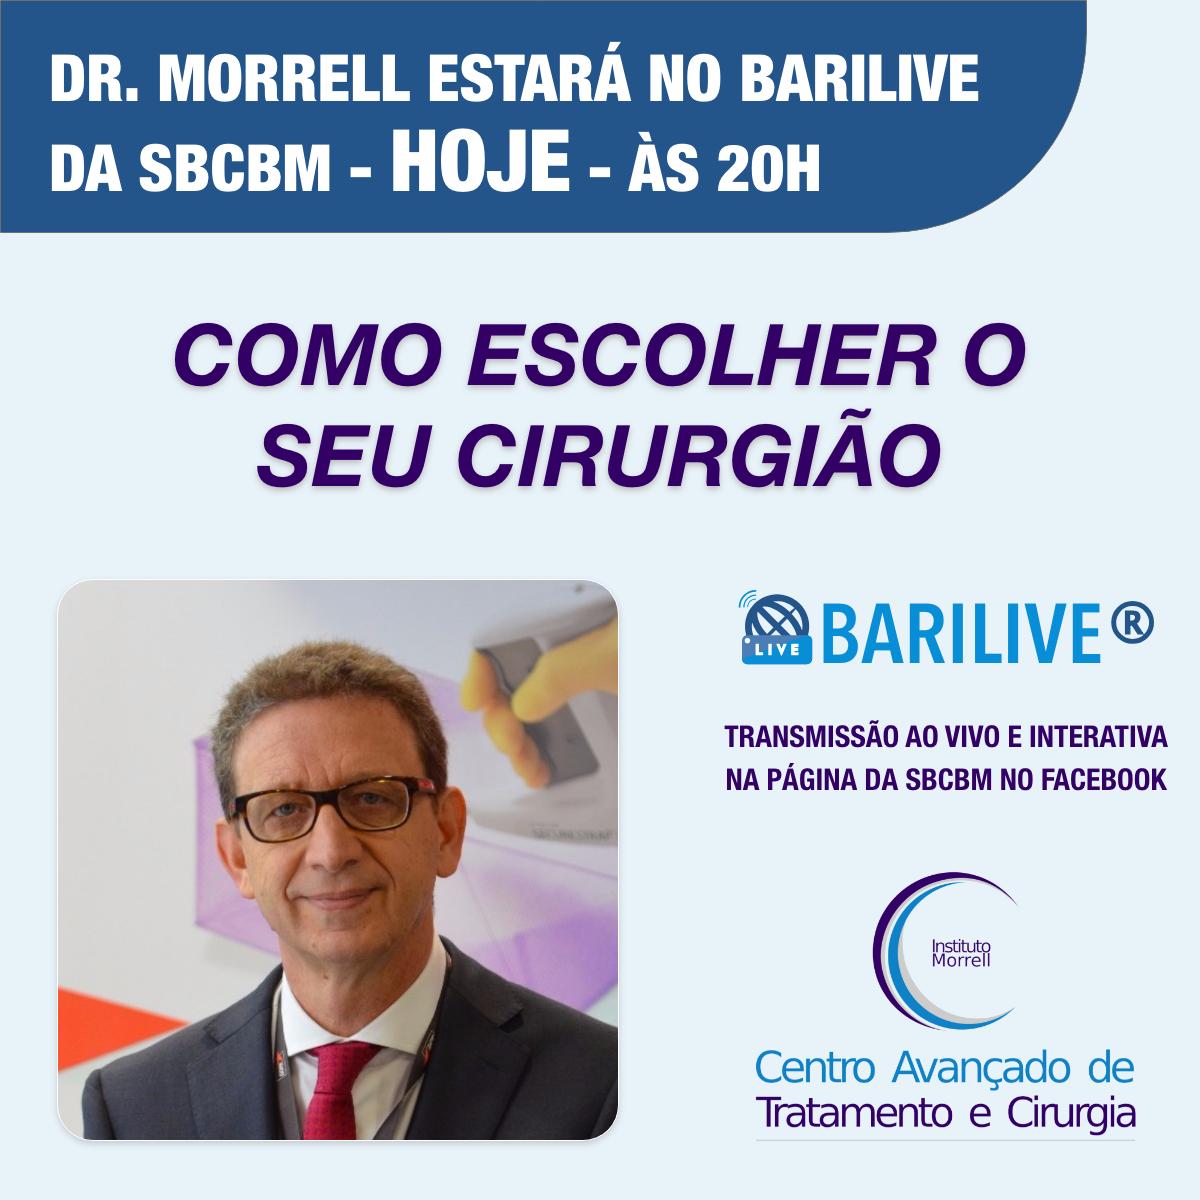 DR._MORRELL_RESPONDE_-_BARILIVE_-_04-12_-_COMO_ESCOLHER_O_SEU_CIRURGIÃO-1-1200x1200.png